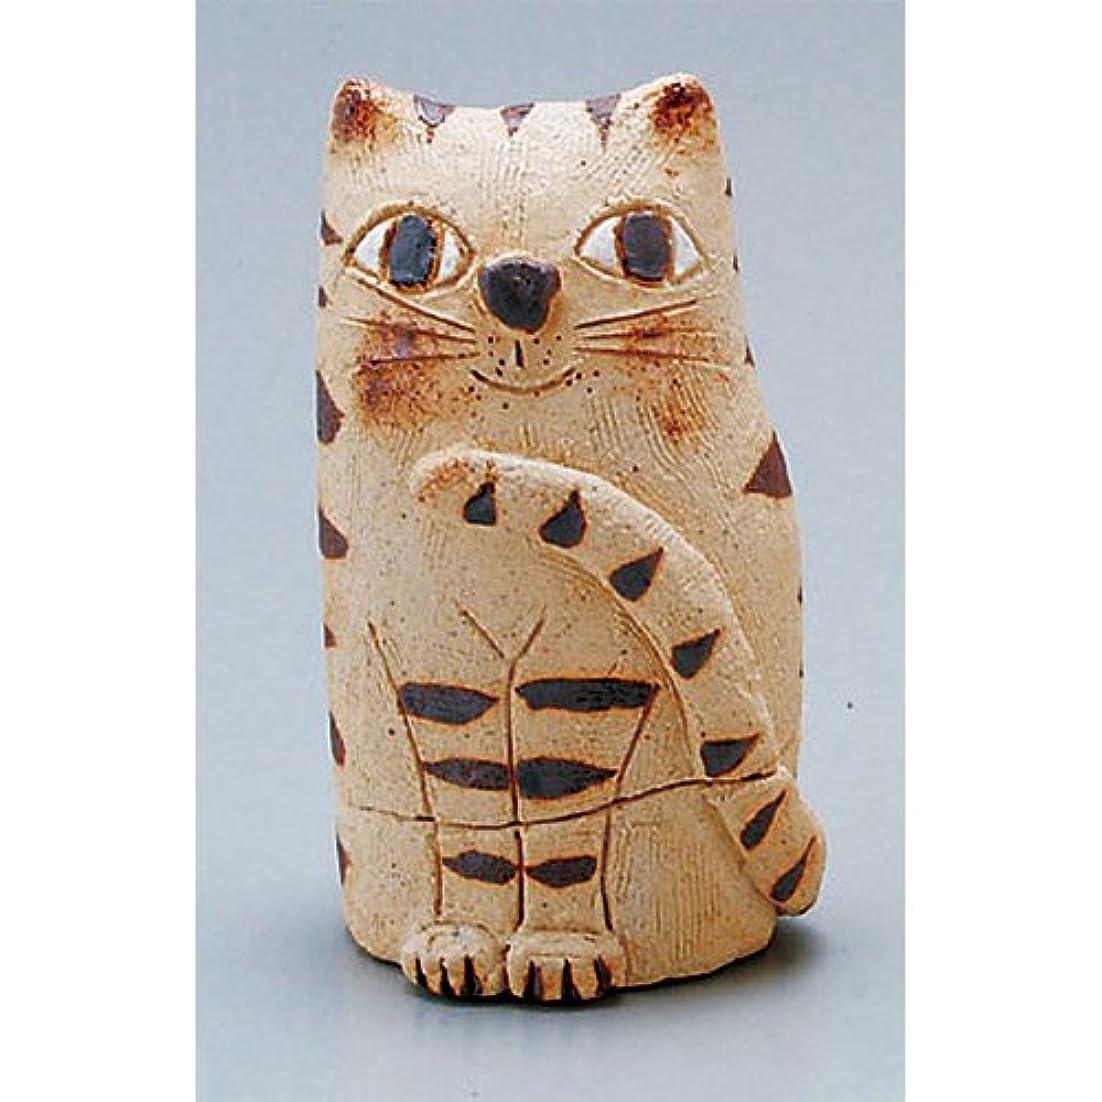 不愉快に関数密香炉 蔵猫 香炉(小) [H11cm] HANDMADE プレゼント ギフト 和食器 かわいい インテリア